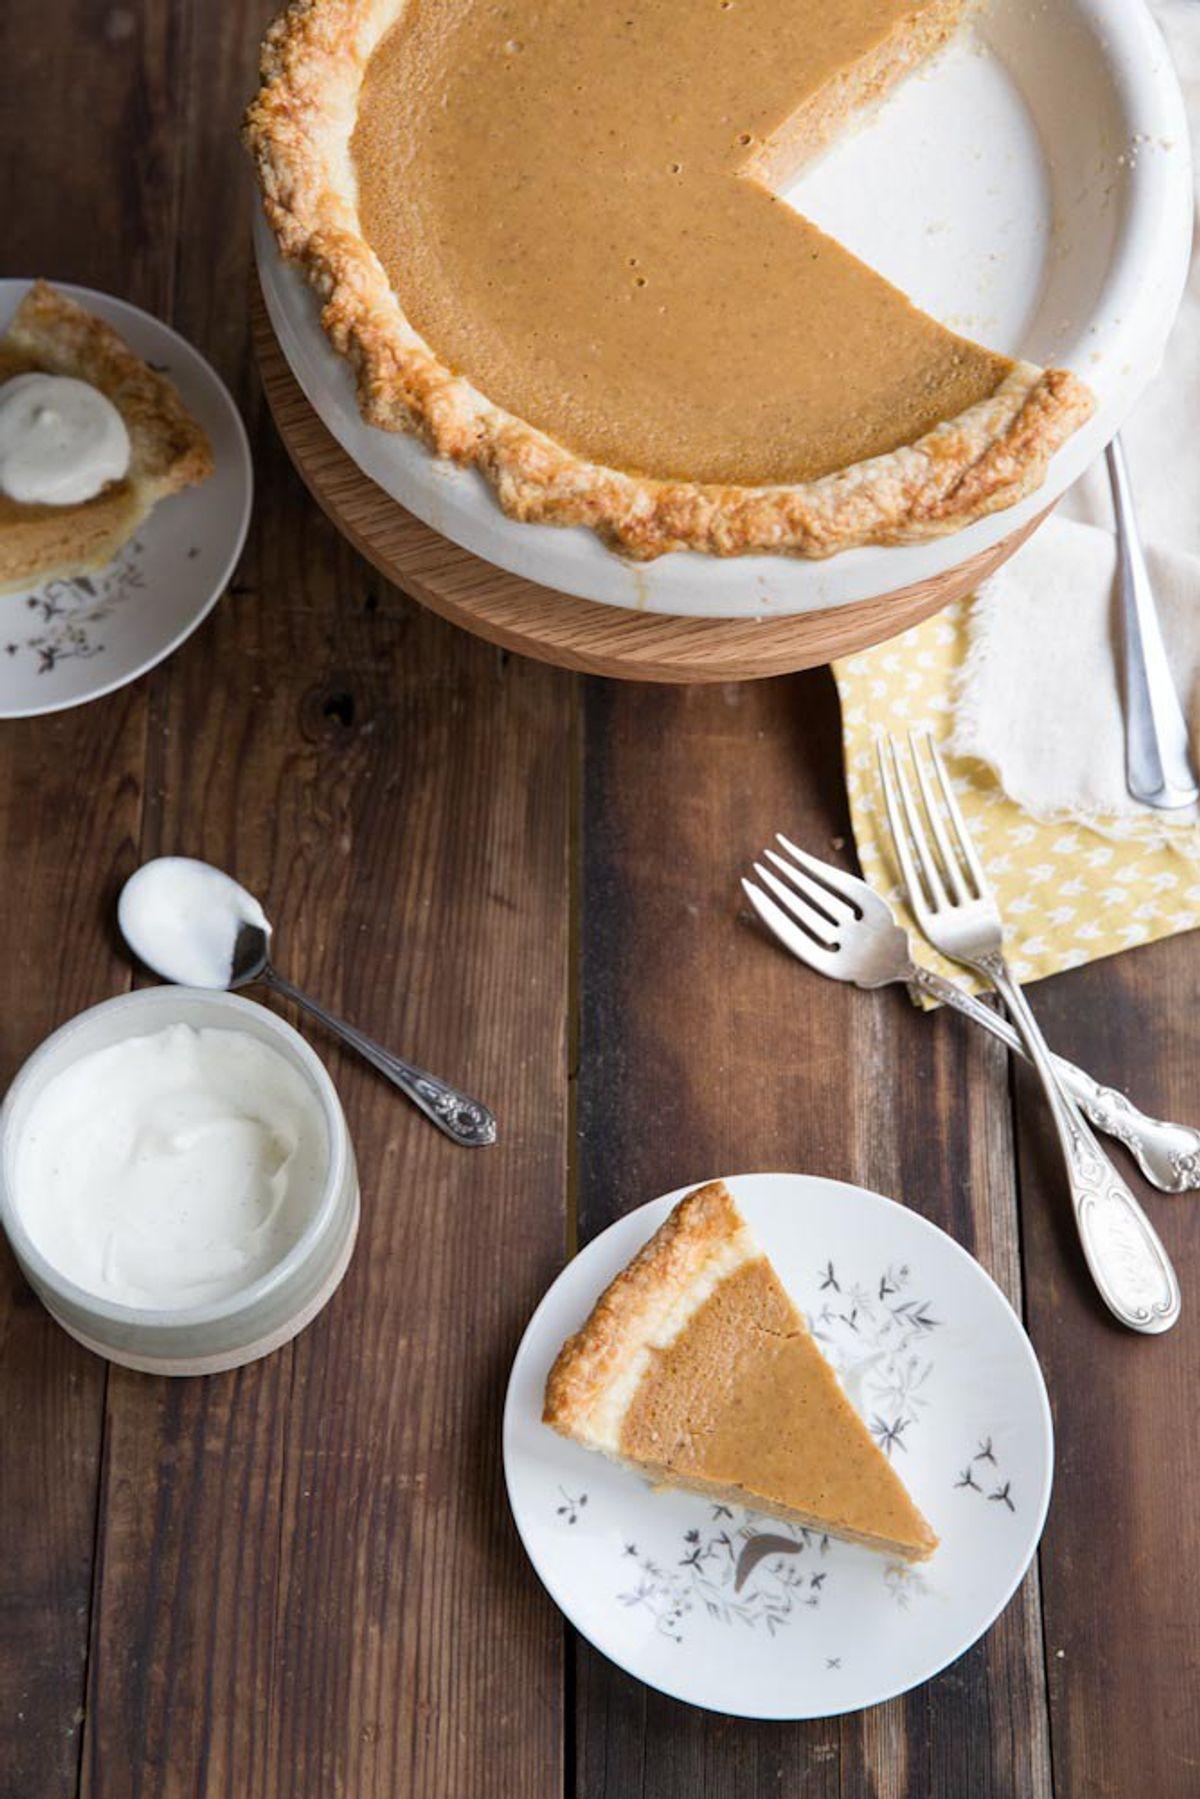 Top 5 Most Delicious Pumpkin Recipes For Fall